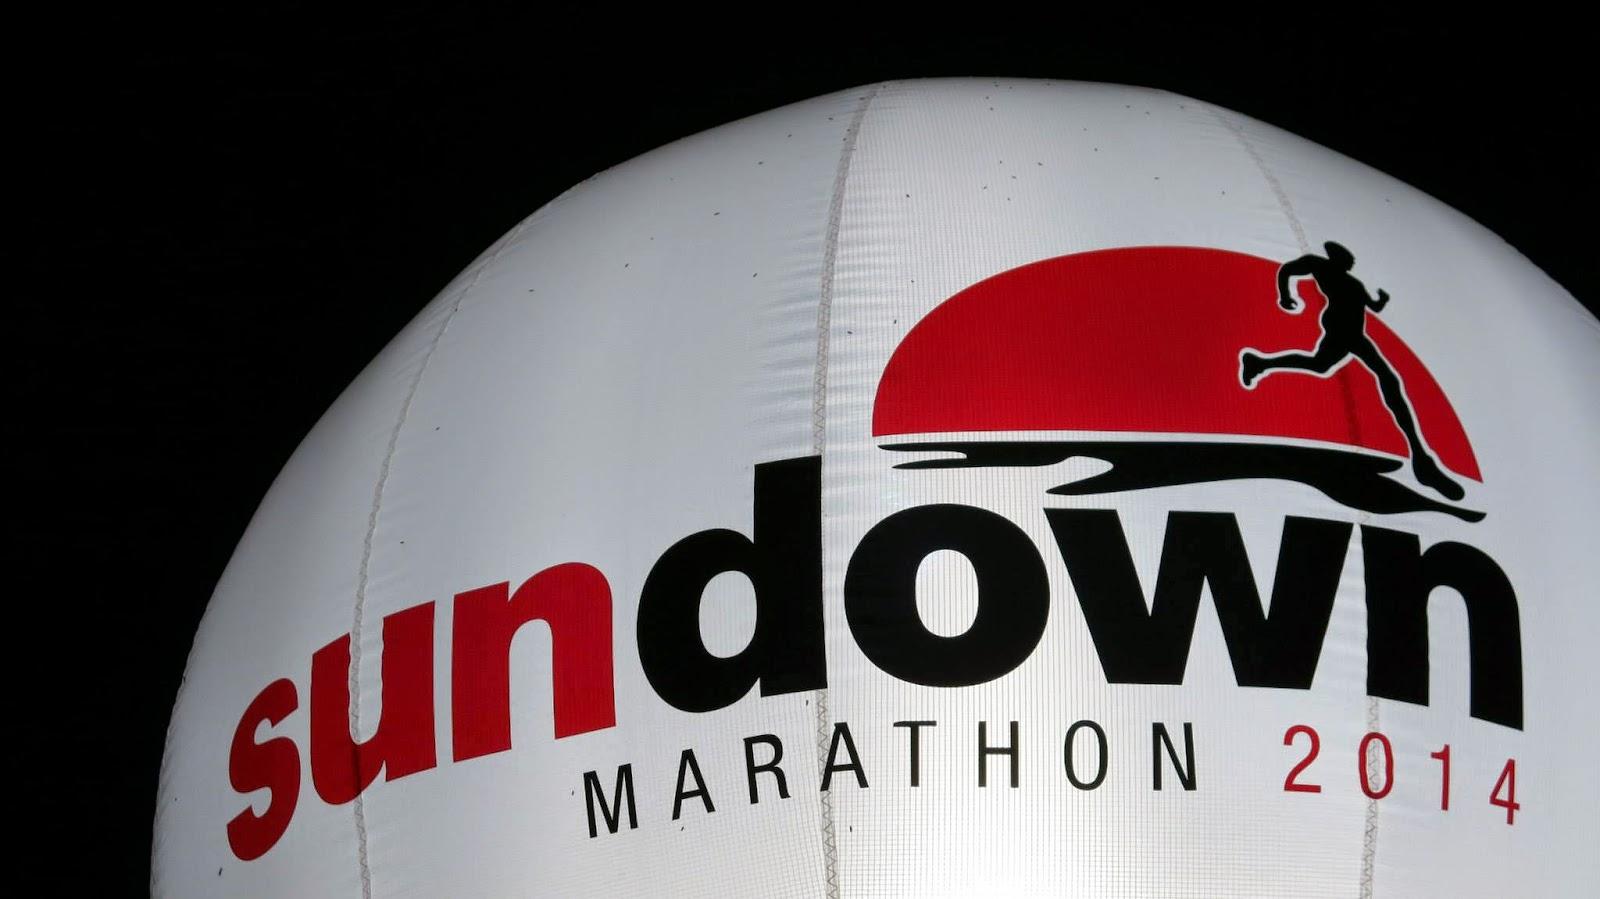 Sundown Marathon  2014 – Sundown Runners Rocked The Night!